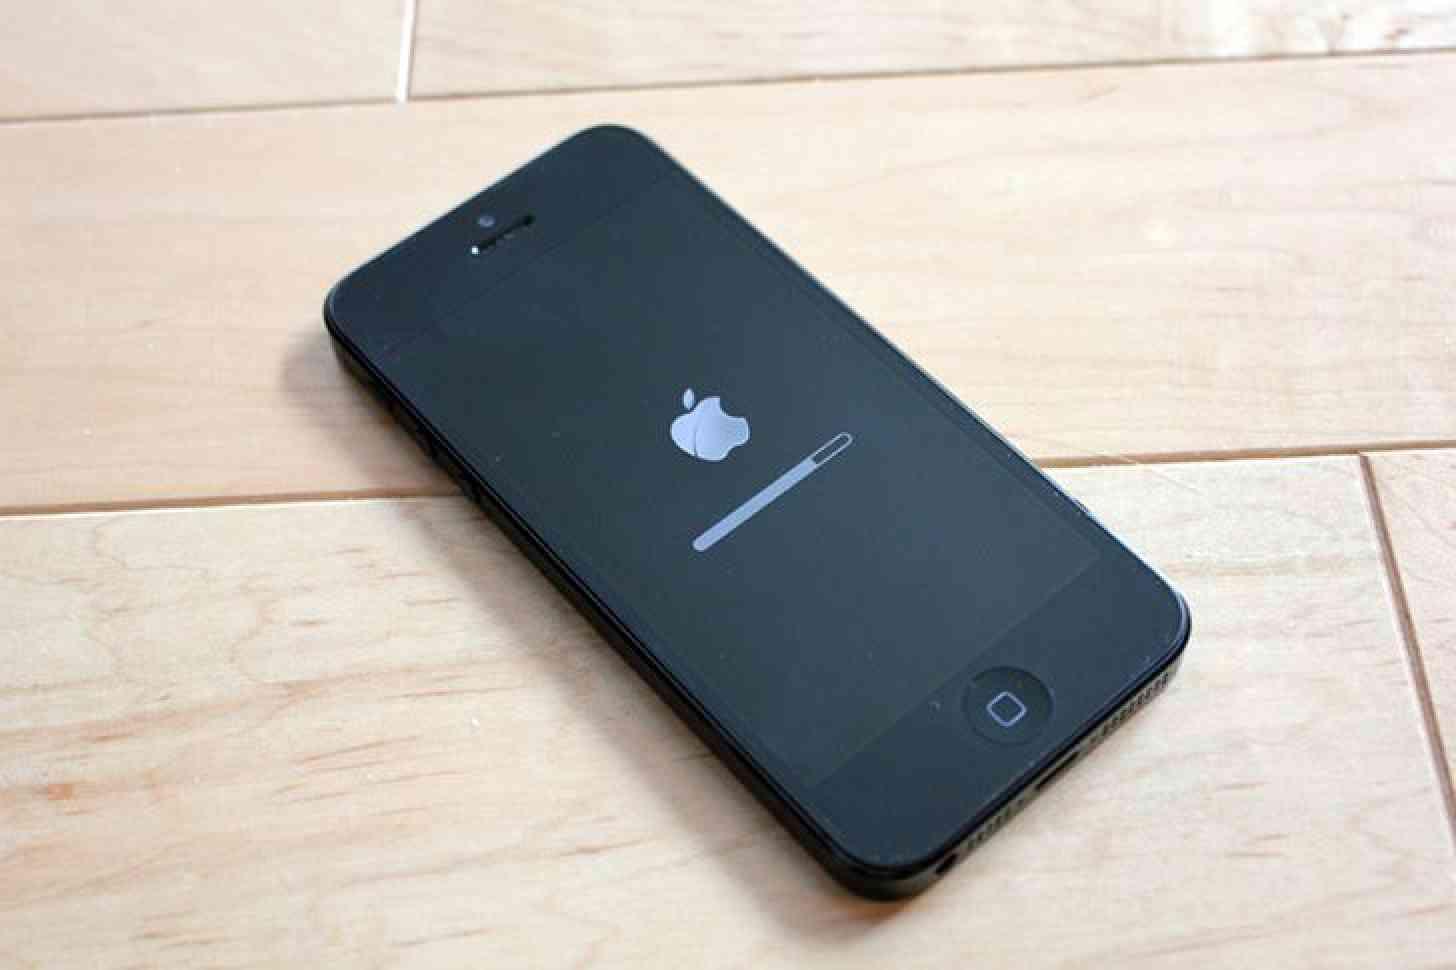 iOS update iPhone 5